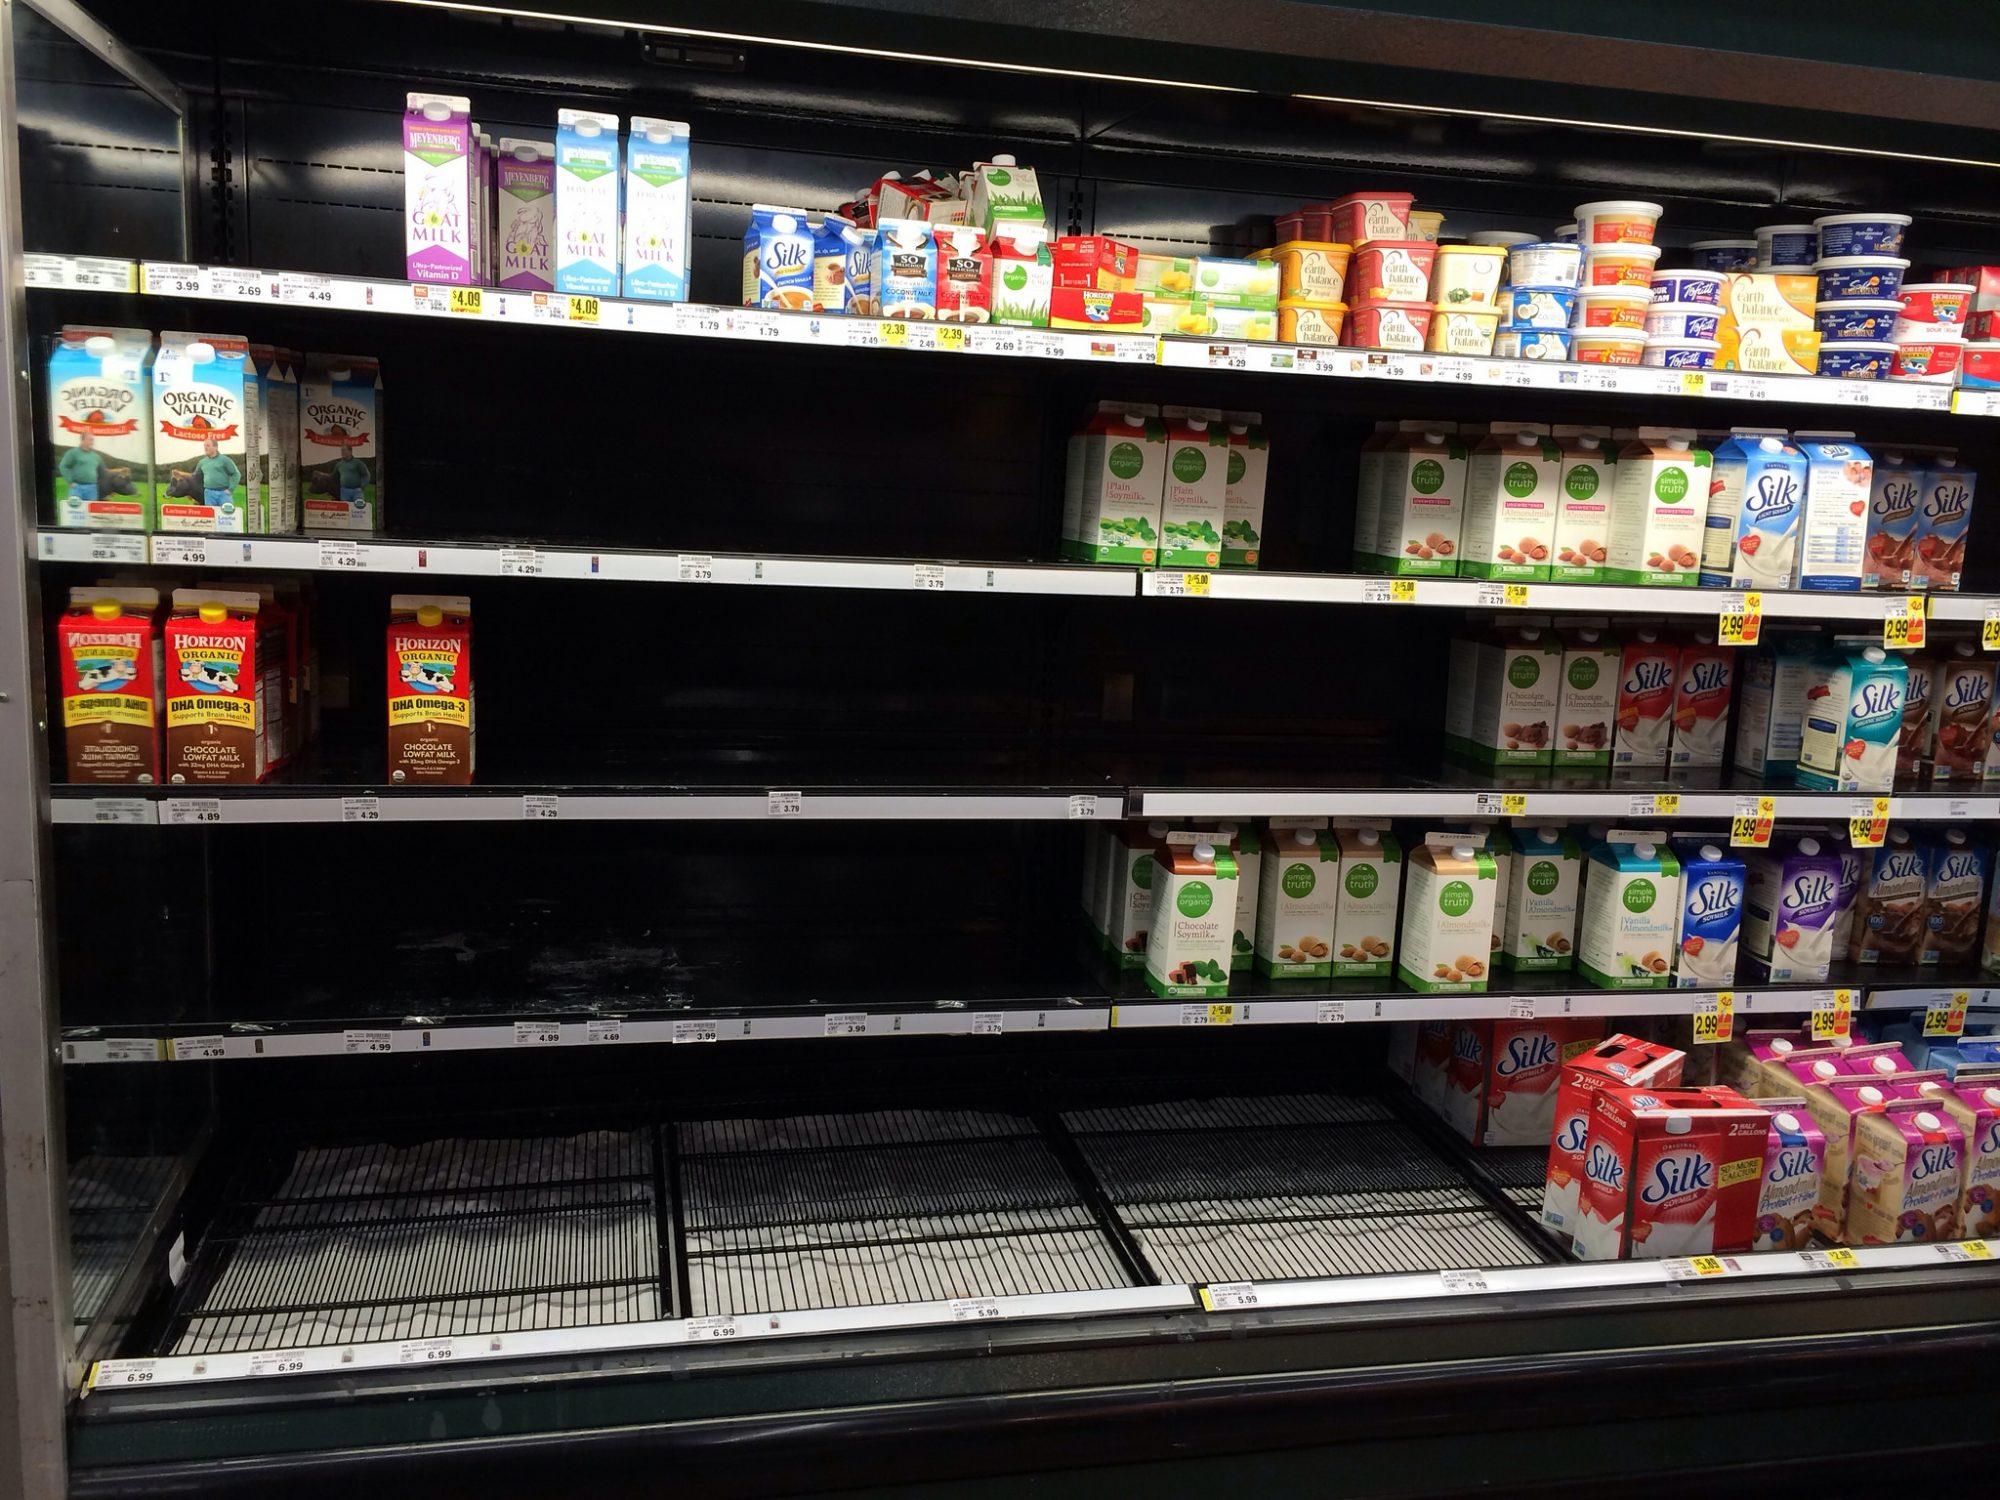 EC: Fluorescent Light Might Make Milk Taste Bad